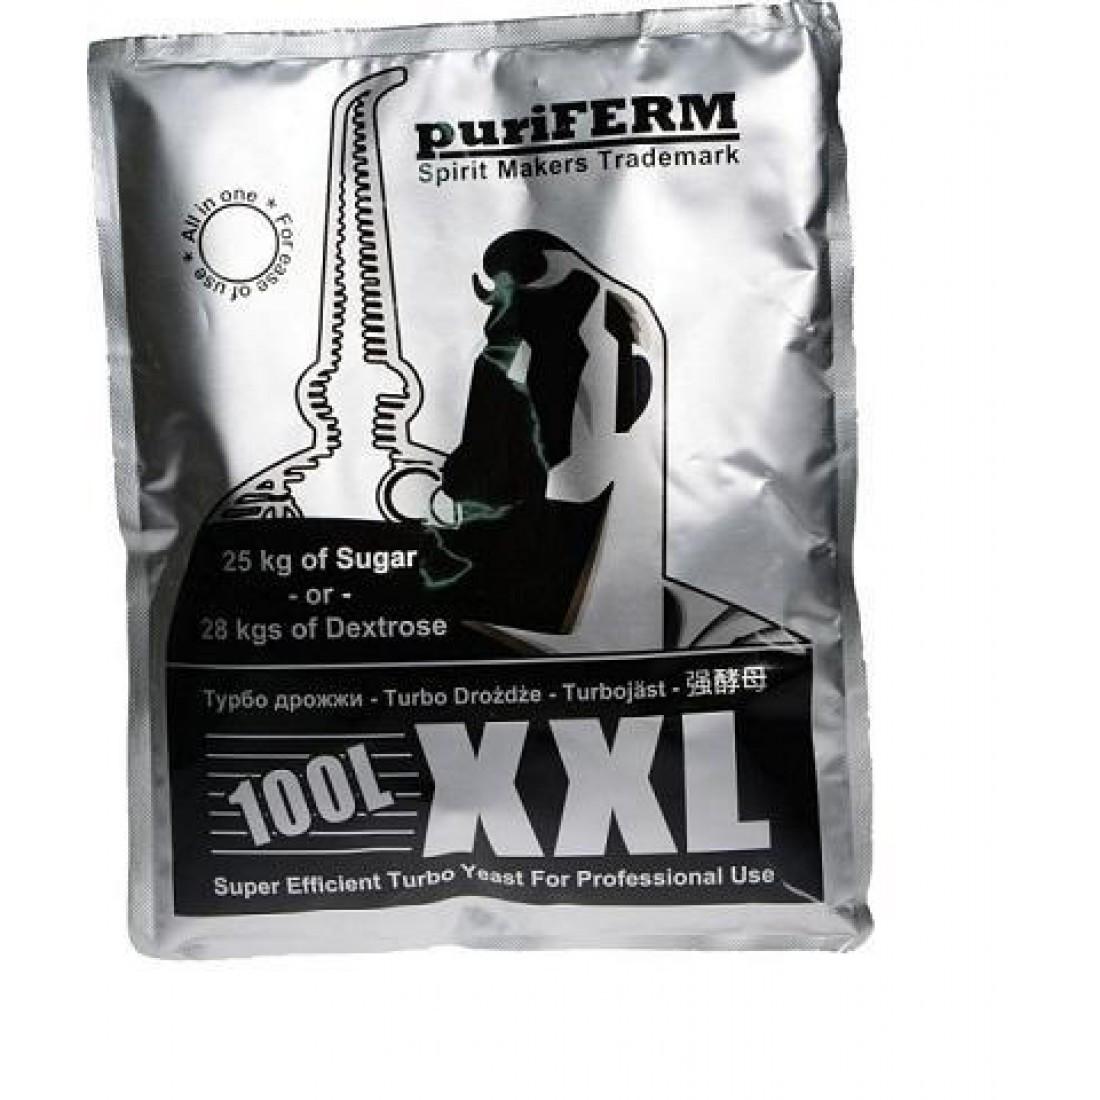 Дрожжи спиртовые турбо Пуриферм на 100 литров UK-XXL, 350гр